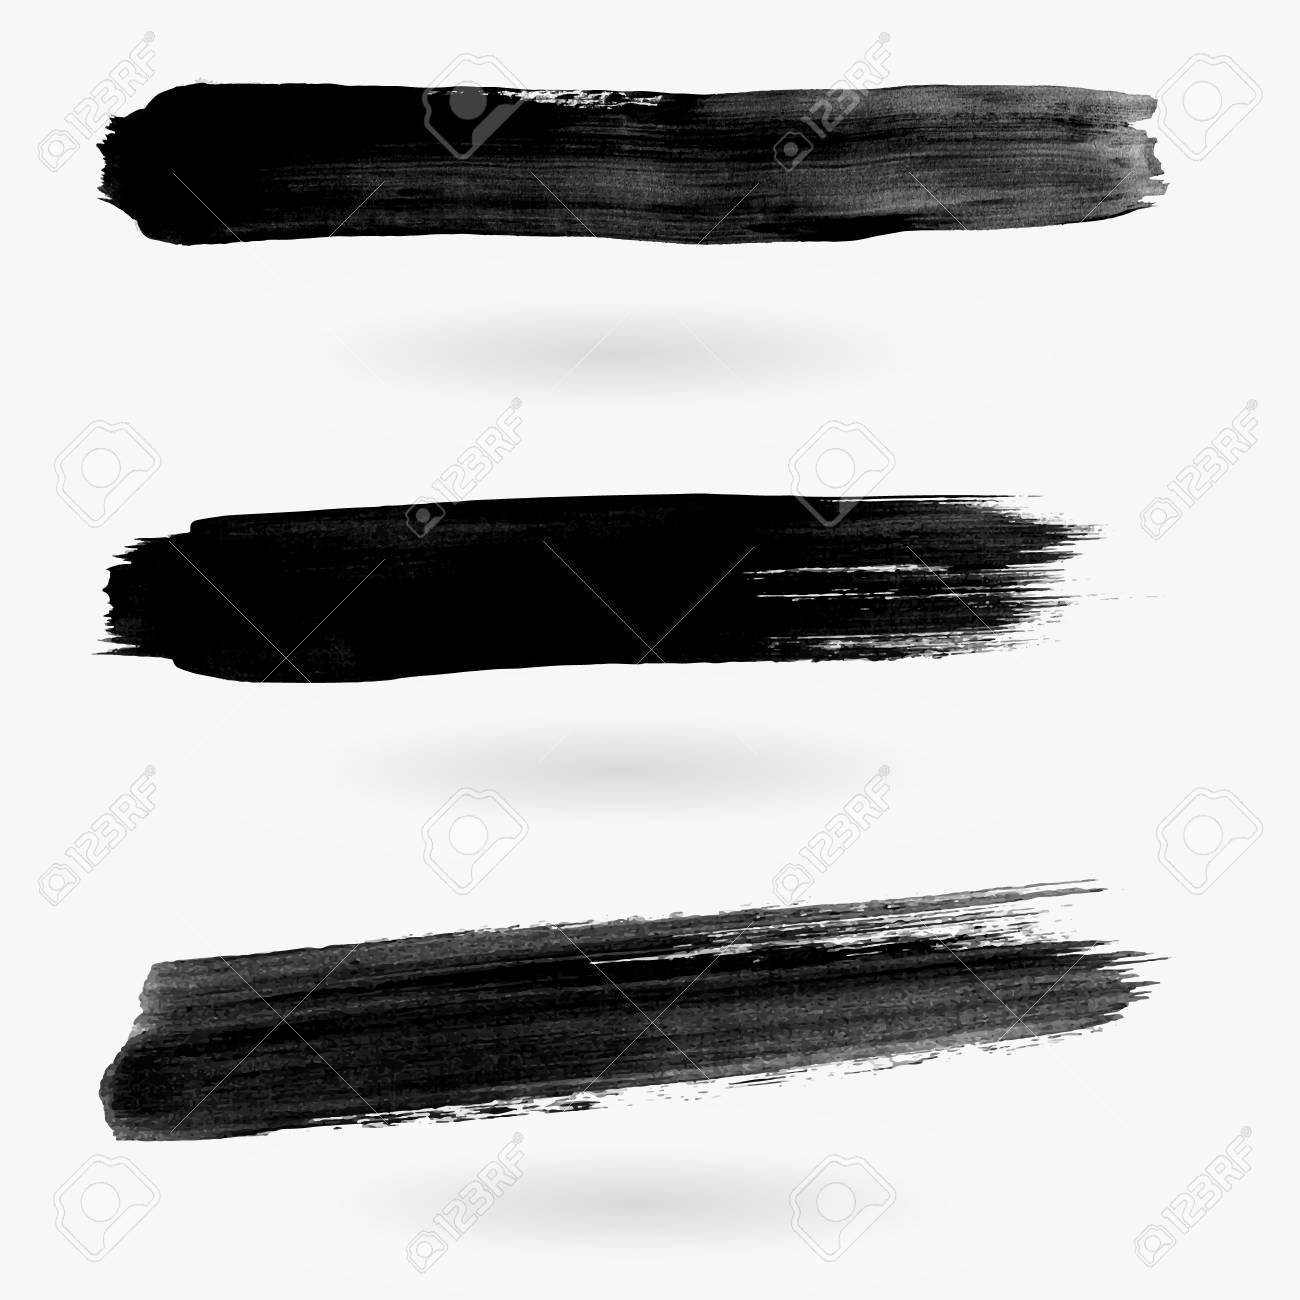 Grunge Hand drawn Retro background - 20692246